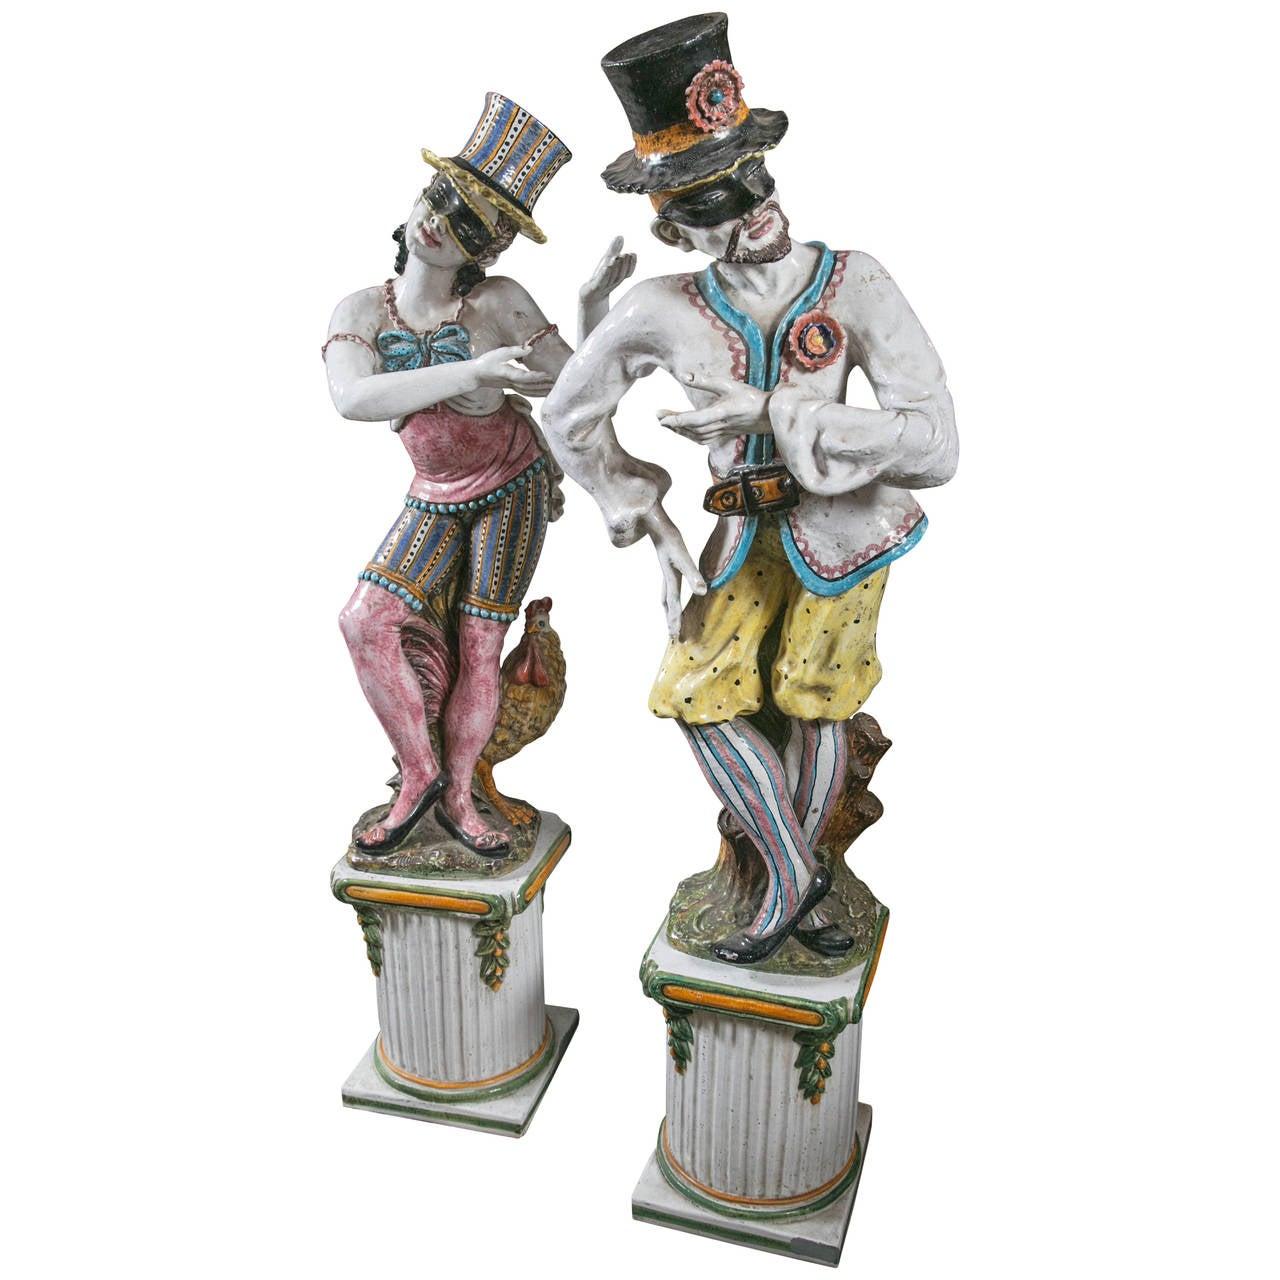 Pair of Glazed Terra Cotta Masqueraders